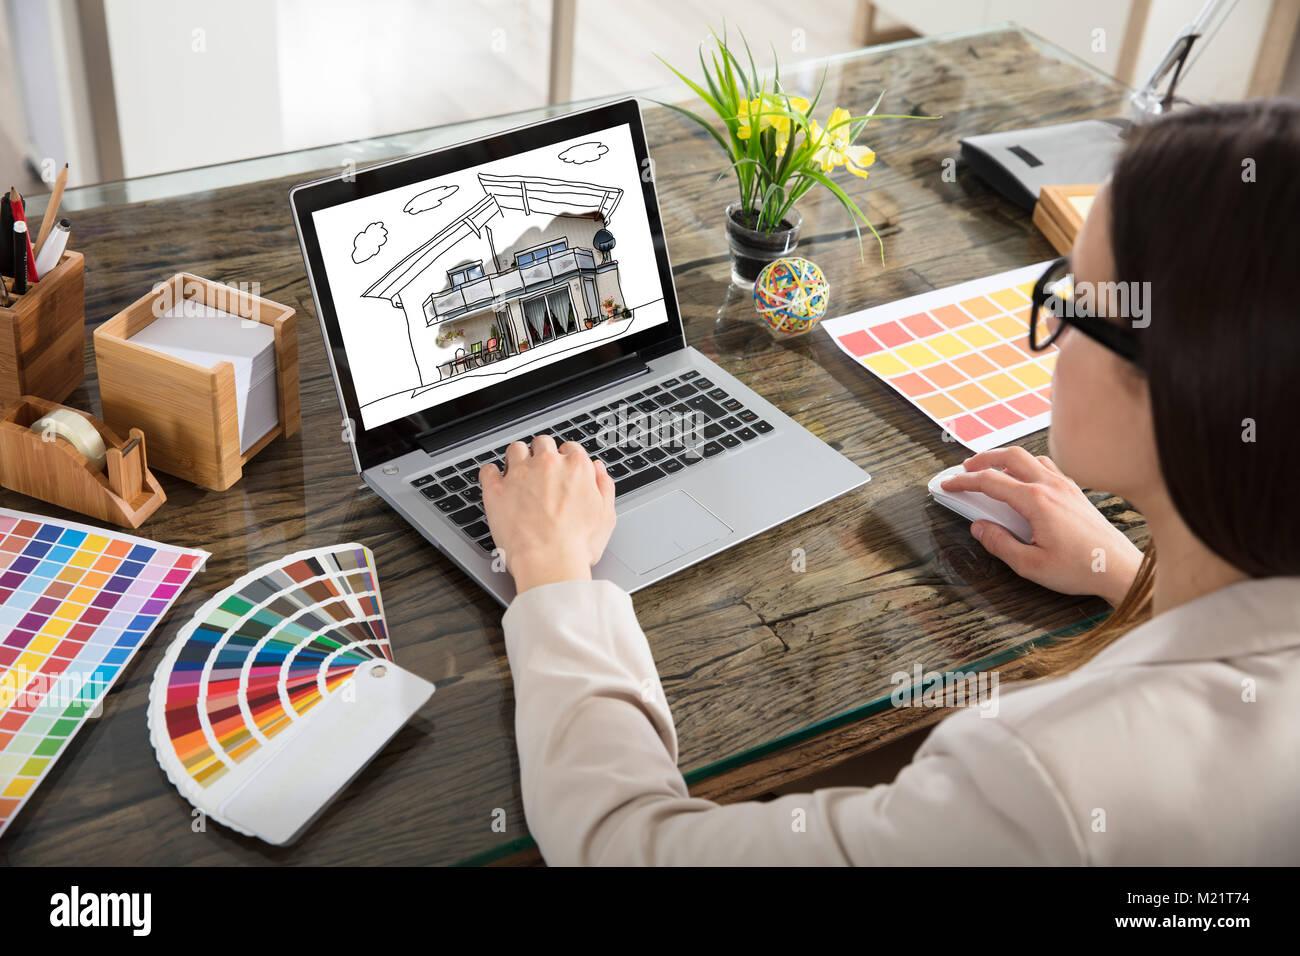 Un arquitecto Trabajando con muestras de color para la selección utilizando el portátil Imagen De Stock